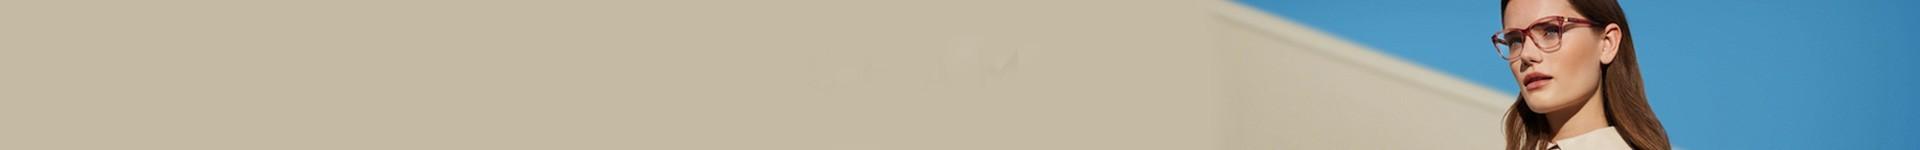 Lunette de vue Femme - ChoqueOptique, votre opticien en ligne.